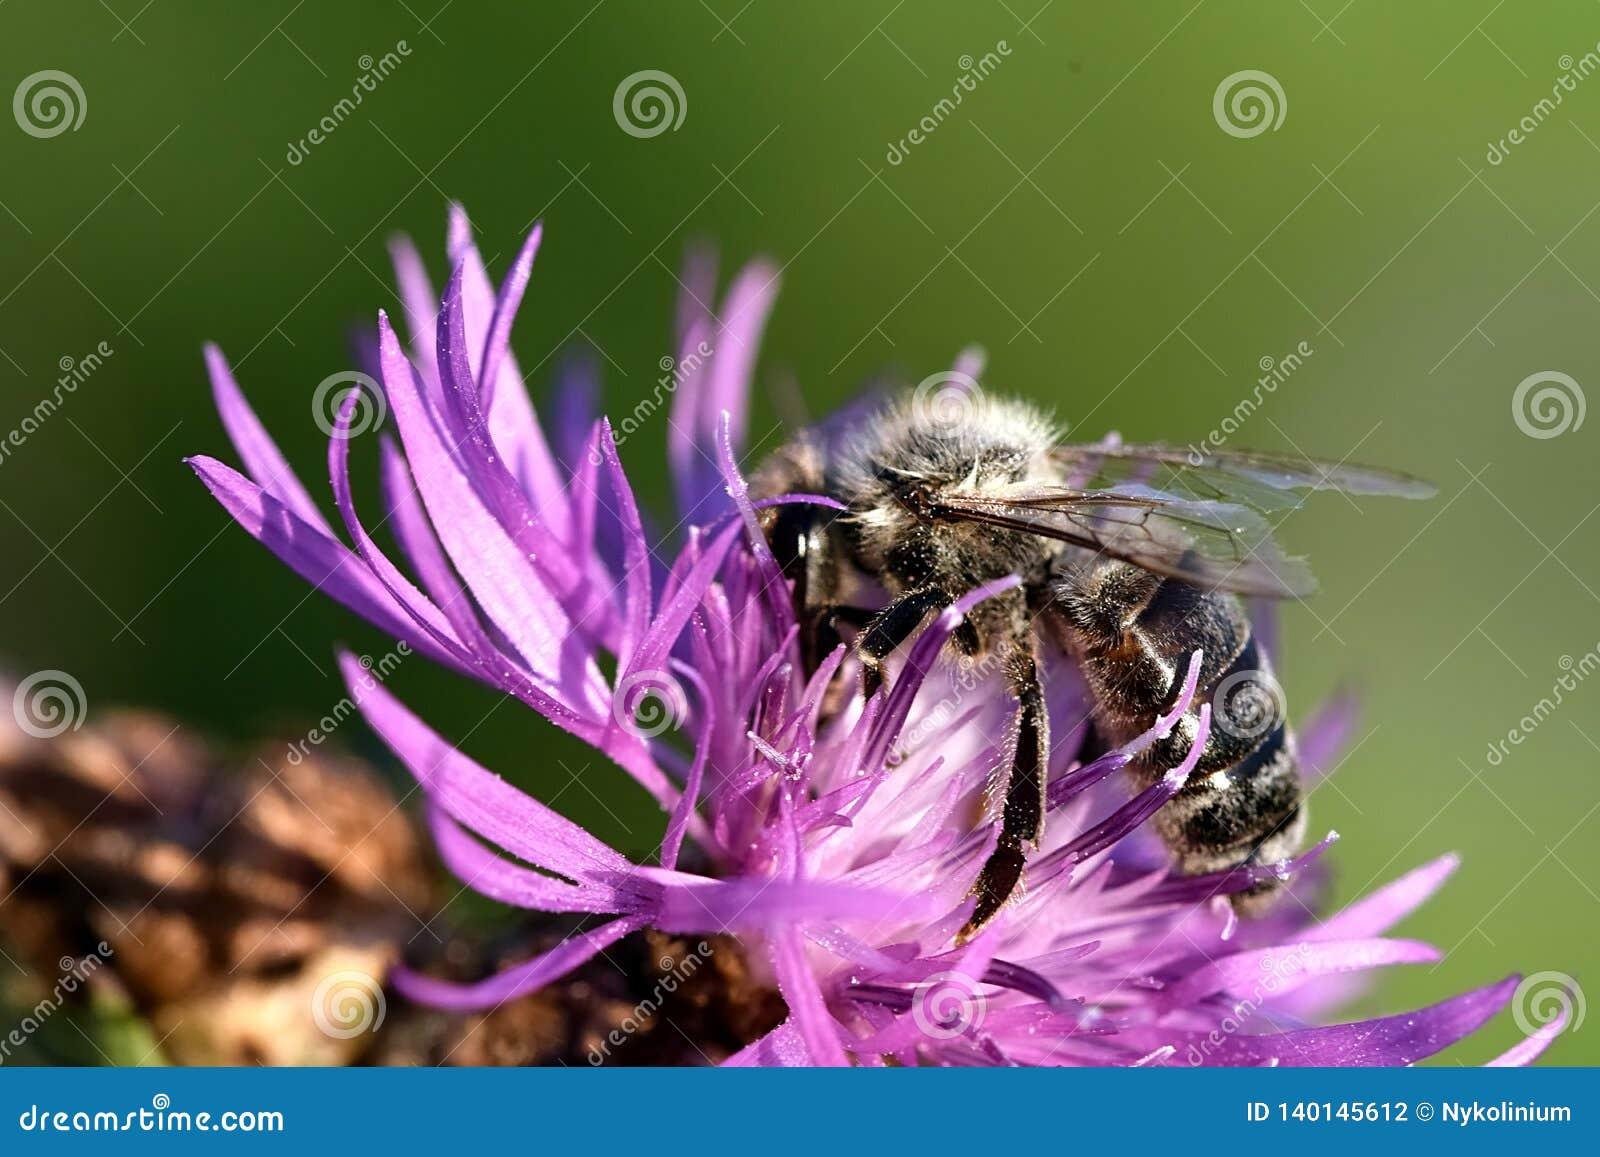 Dark bee pollination of a flower